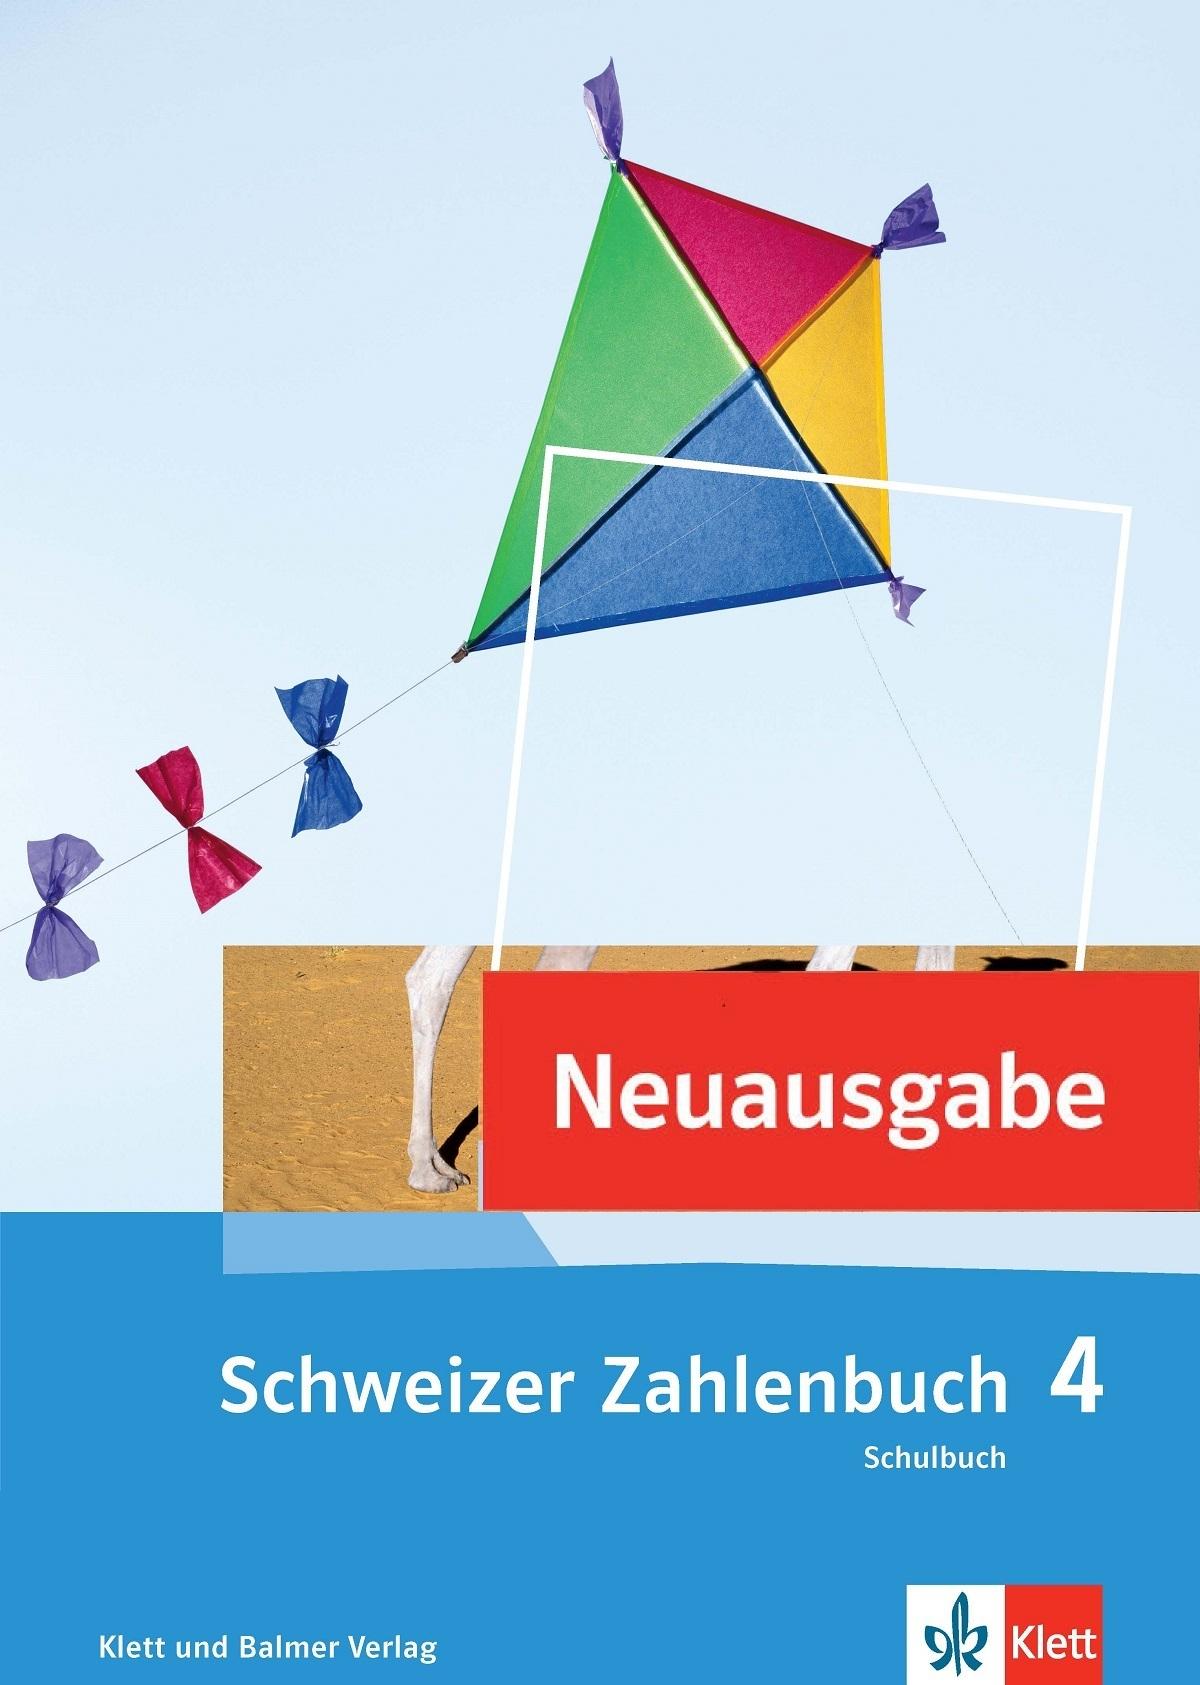 Das schweizer zahlenbuch 4 schulbuch 978 3 264 84730 7 klett und balmer